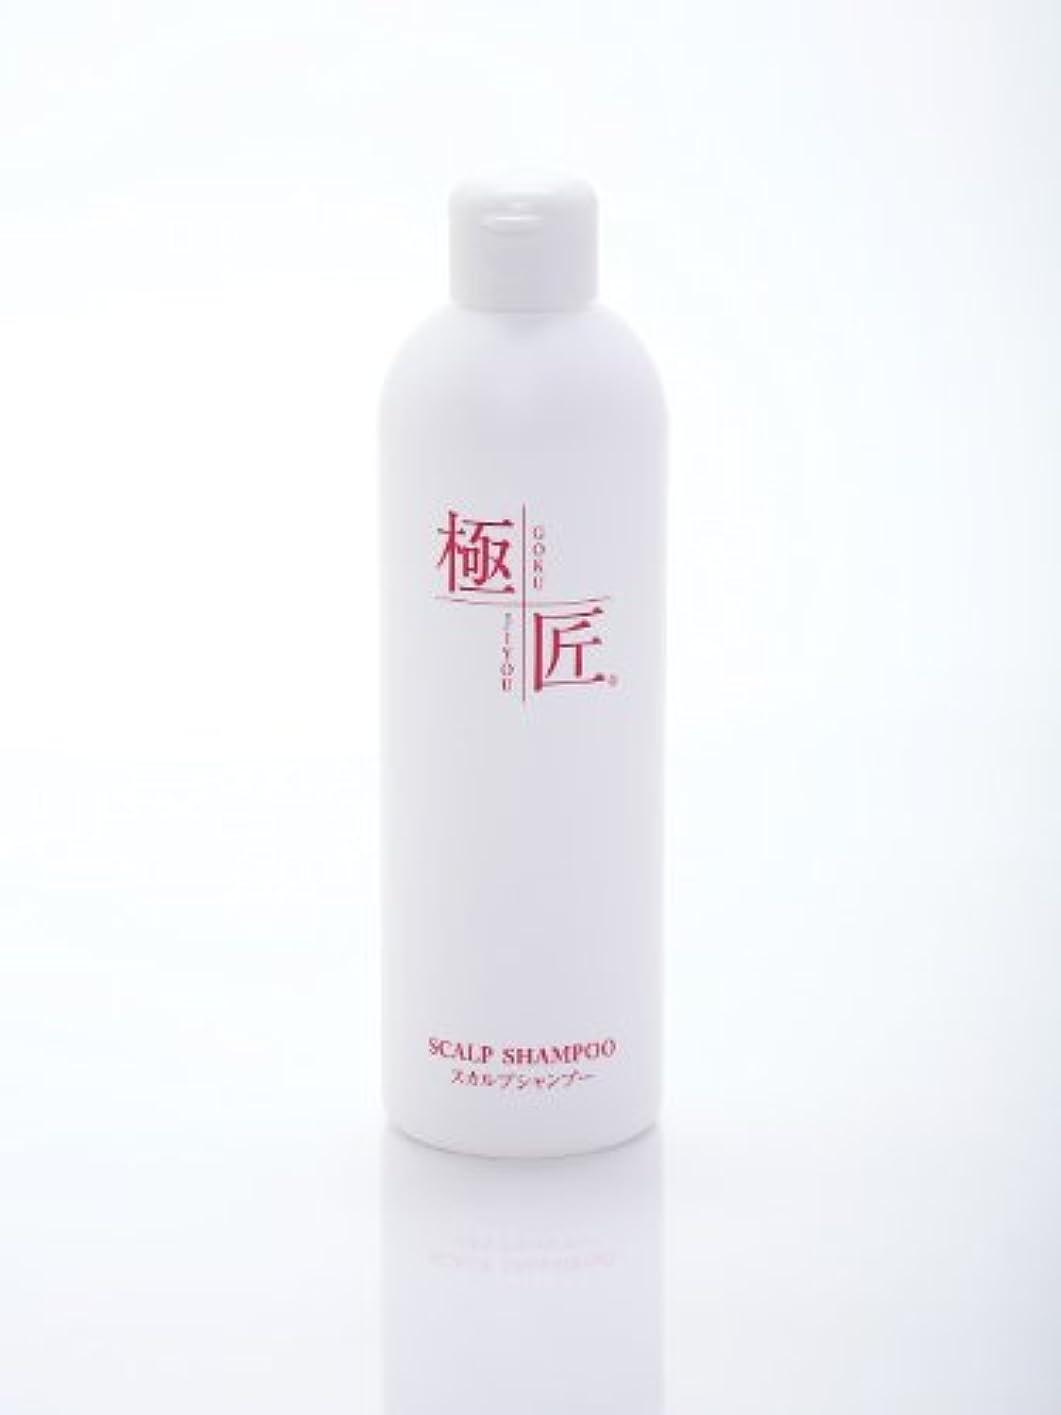 絵戸惑う津波極匠スカルプシャンプー 300ml (無香料)